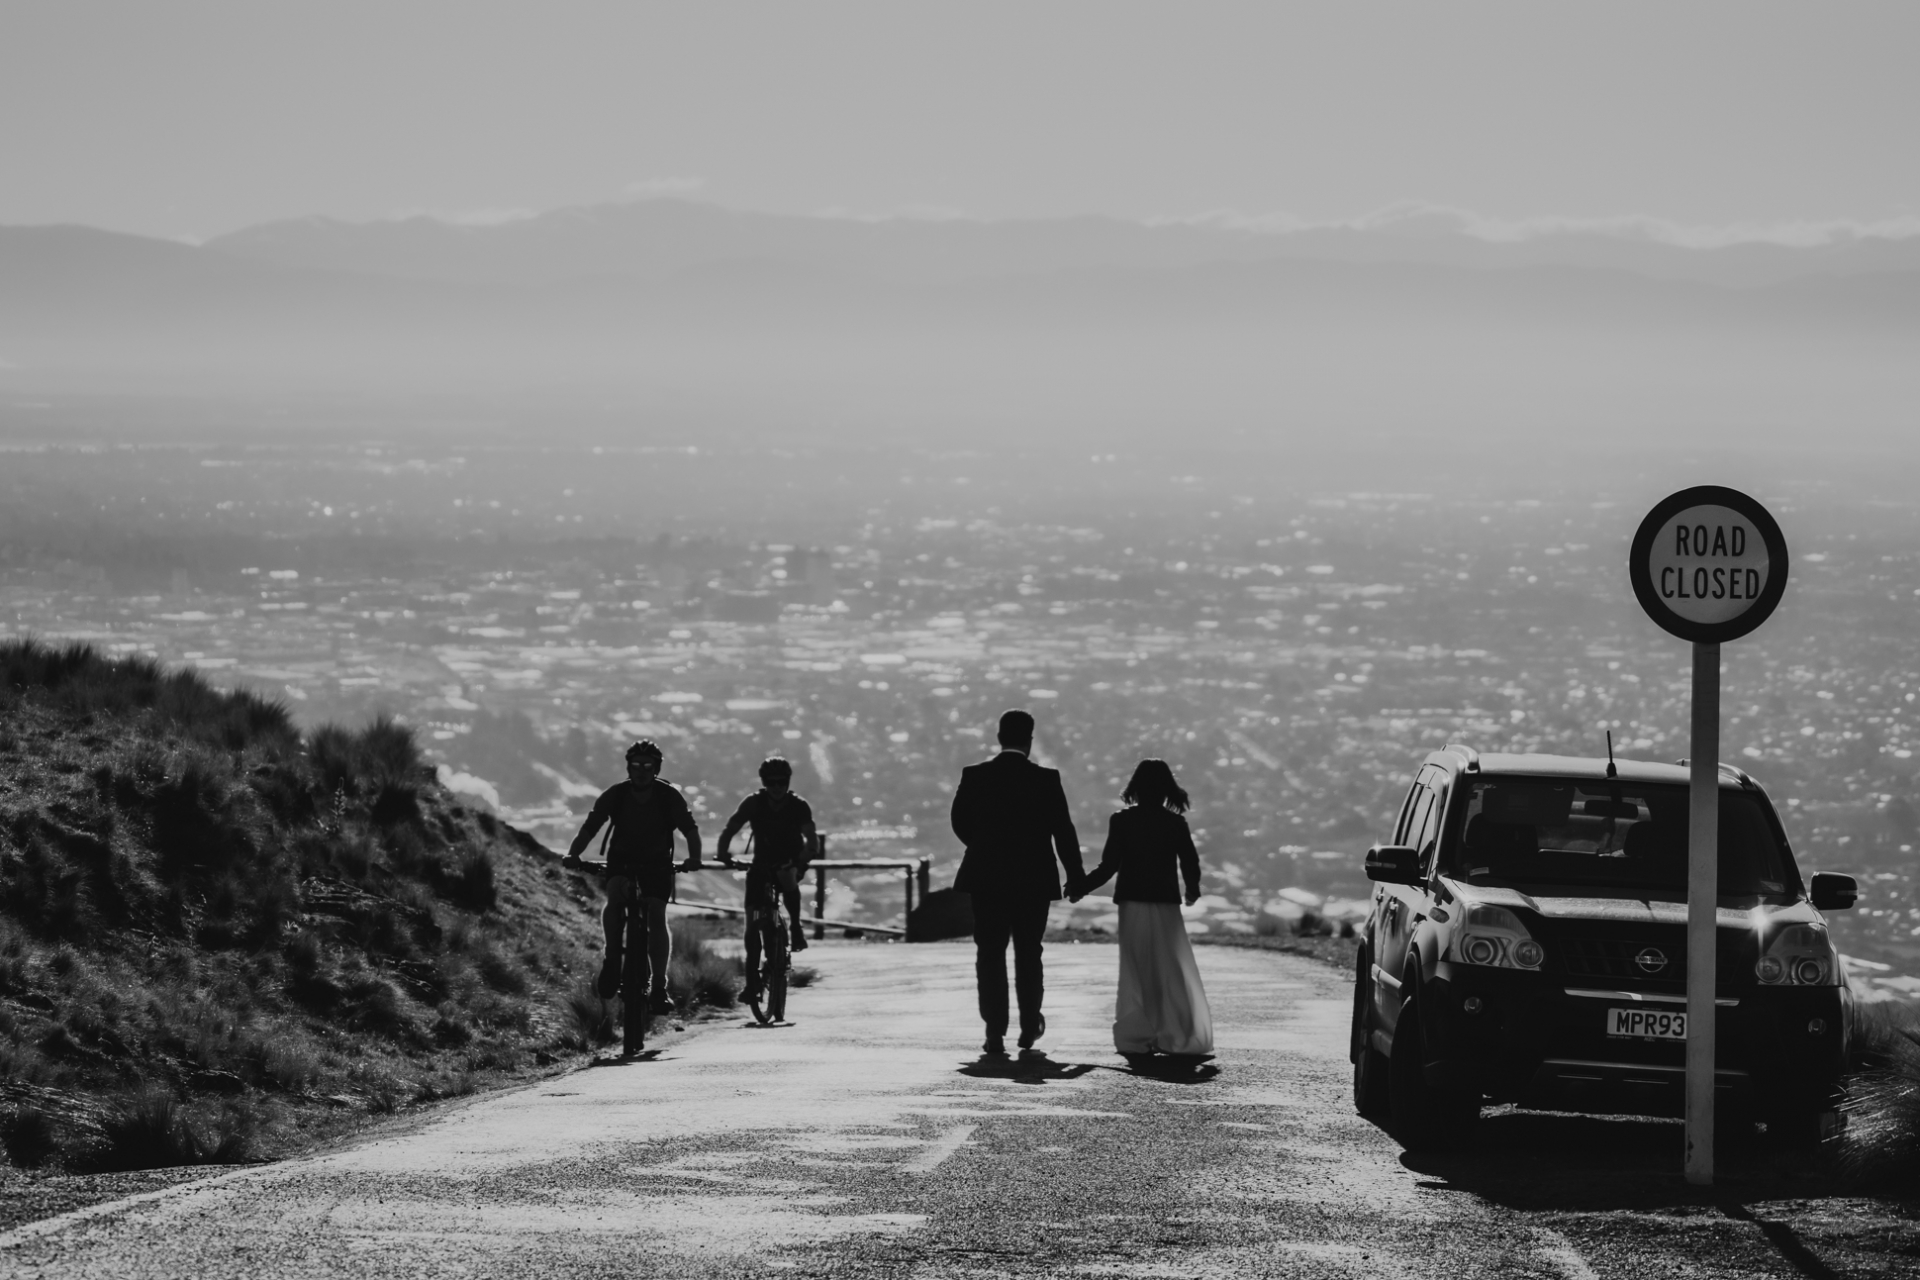 Port Hills, Christchurch Nieuw-Zeeland Elopement Foto | De bruid en bruidegom lopen terwijl ze omringd zijn door het glanzende water van de haven